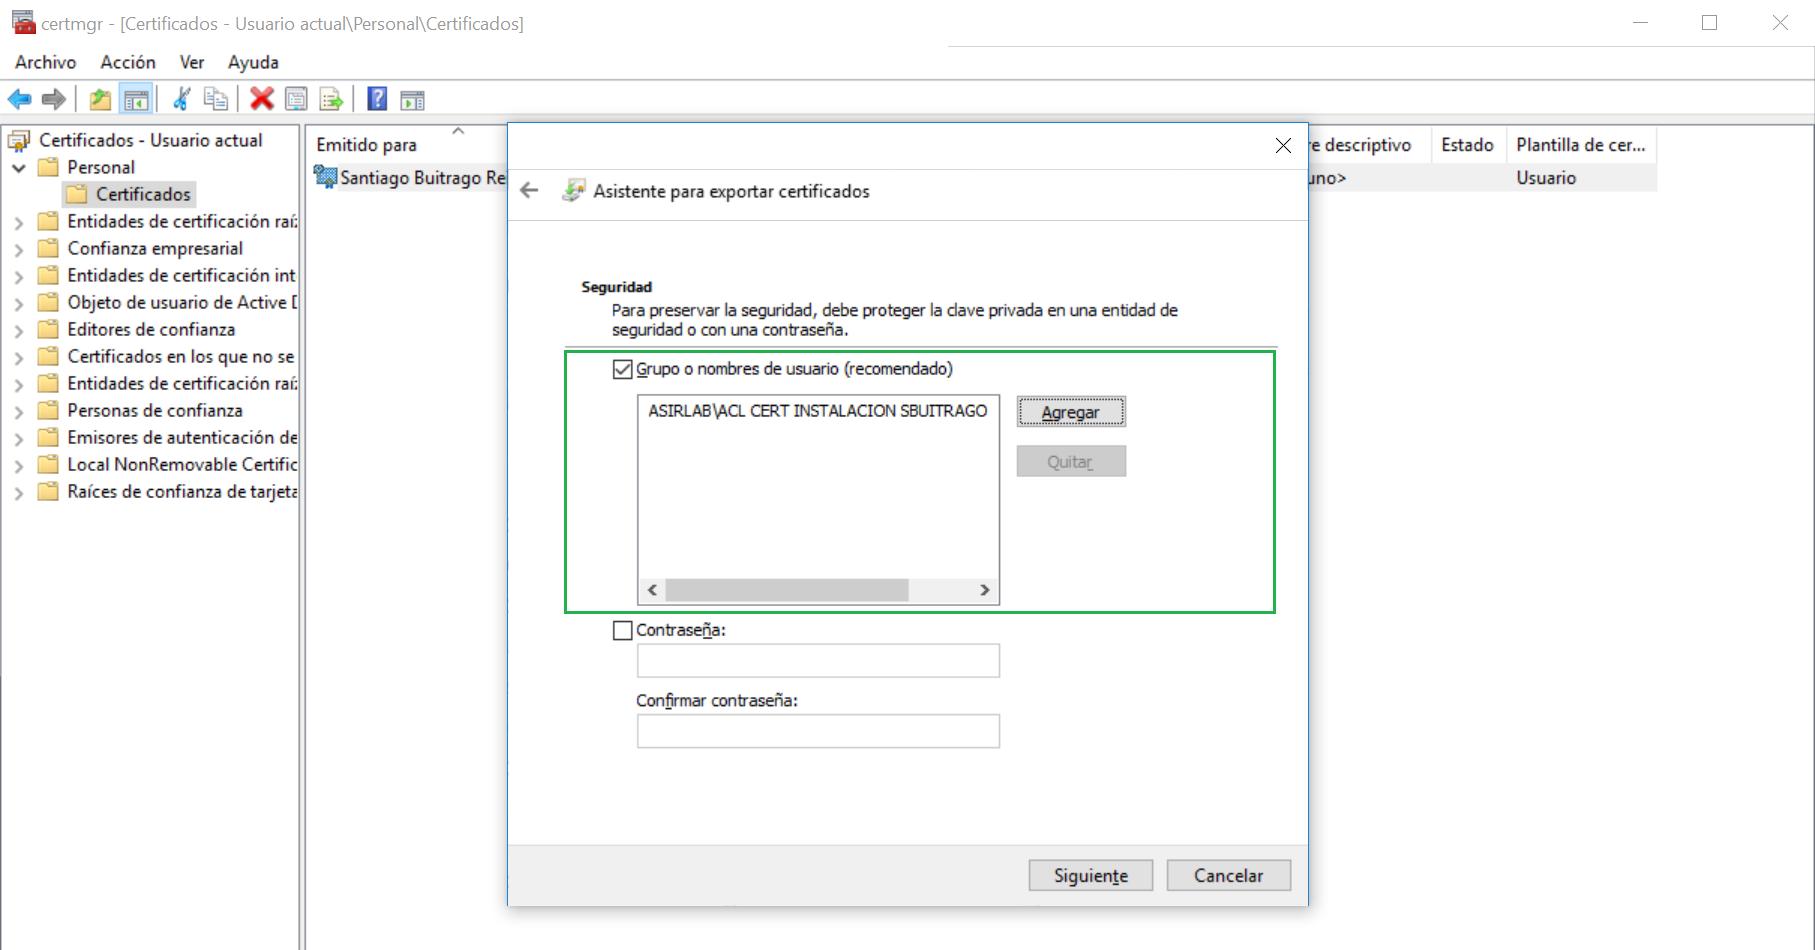 instalar_certificados_usuarios_via_gpo_07